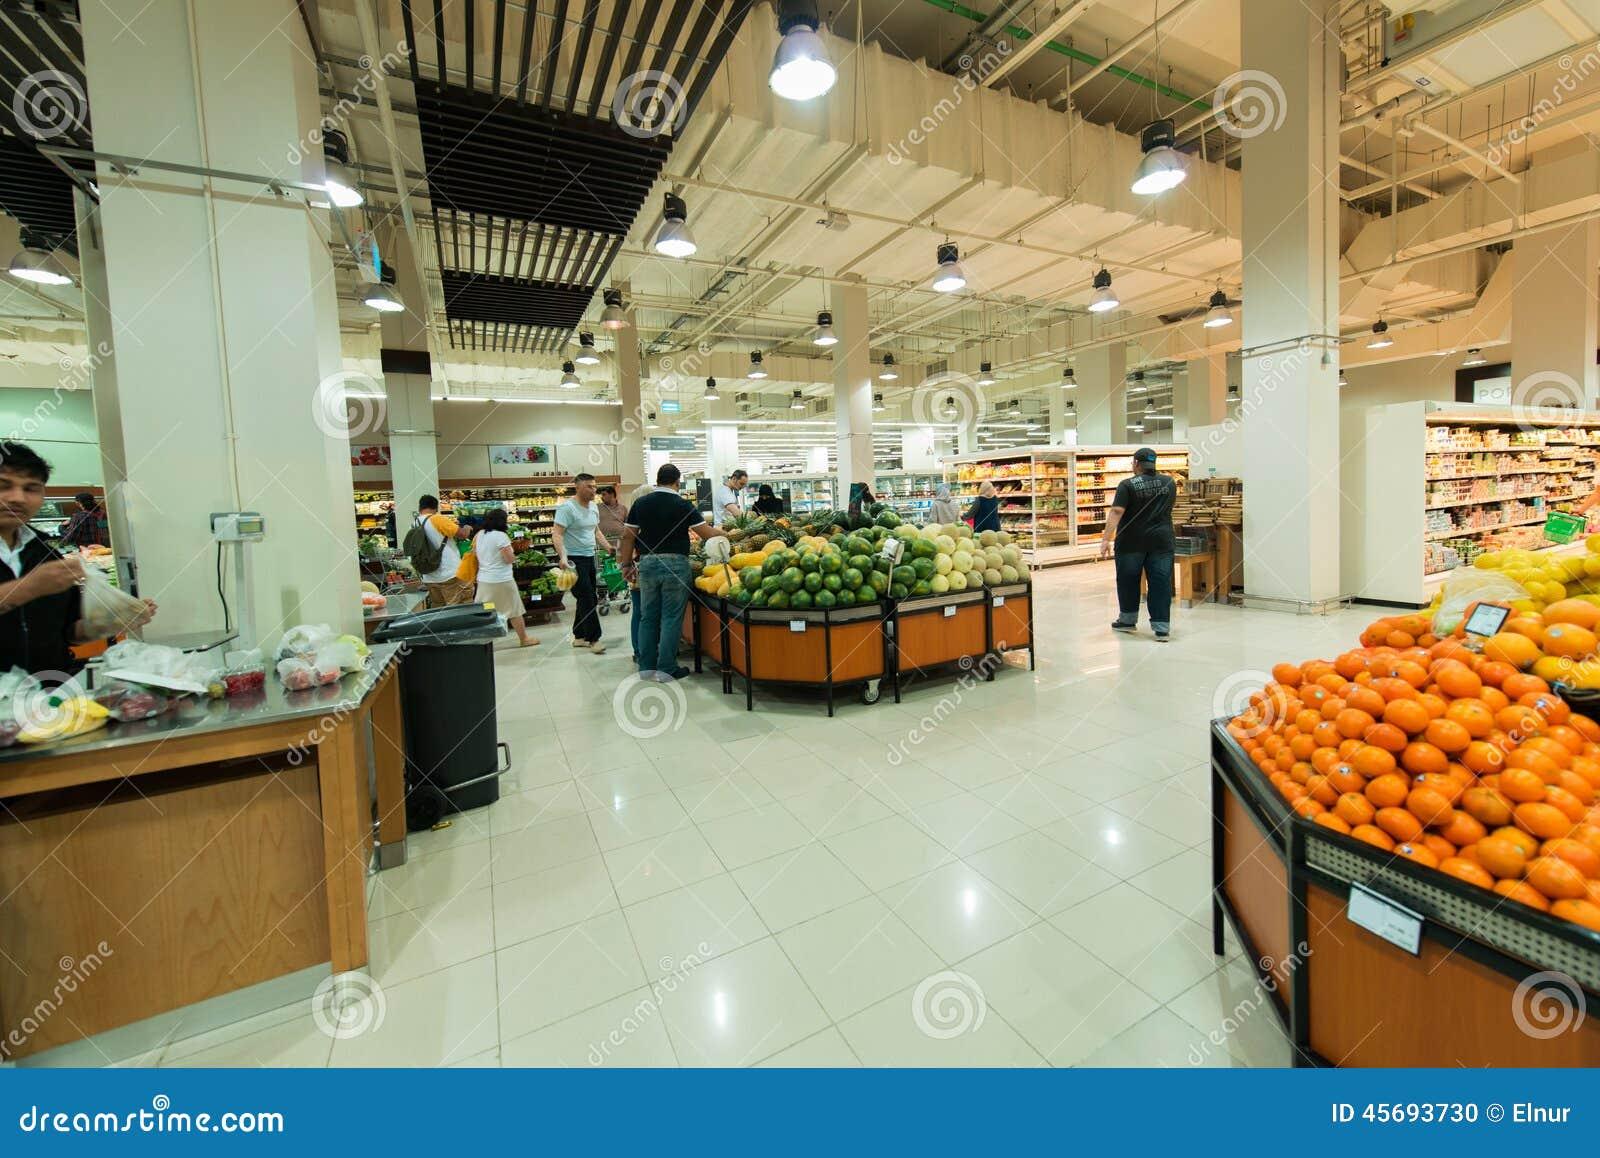 Dubai Supermarket Waitrose On August 8 I Editorial Image Image Of